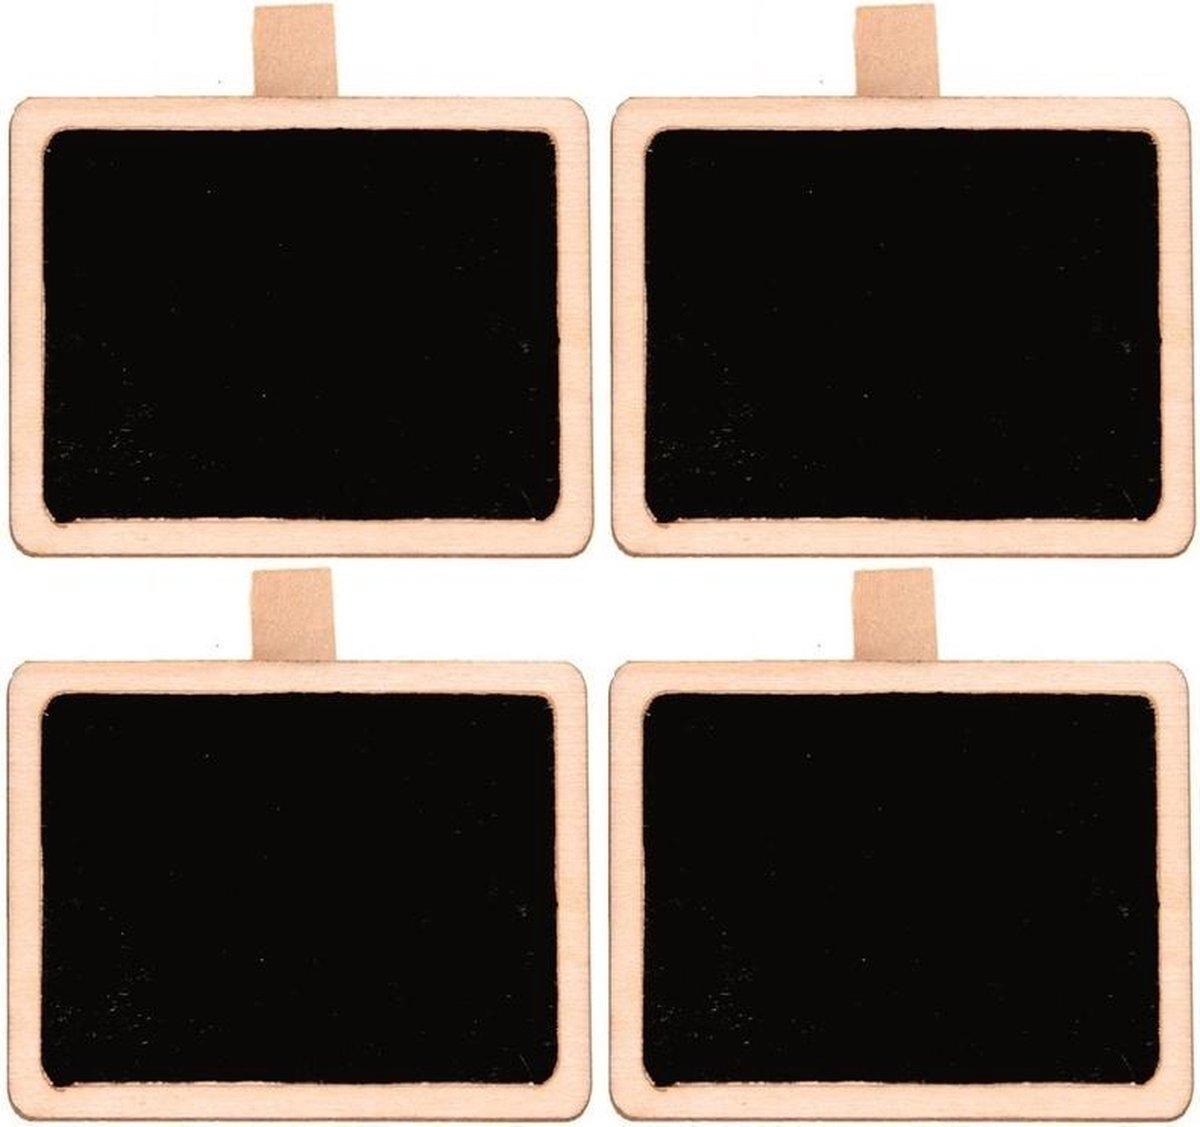 Merkloos / Sans marque 4x Houten mini krijtbordje/schrijfbordje/memobordje rechthoek op knijper 5 cm Hobby/knutselbenodigdheden tekenbord Home deco Woonaccessoires/decoratie online kopen